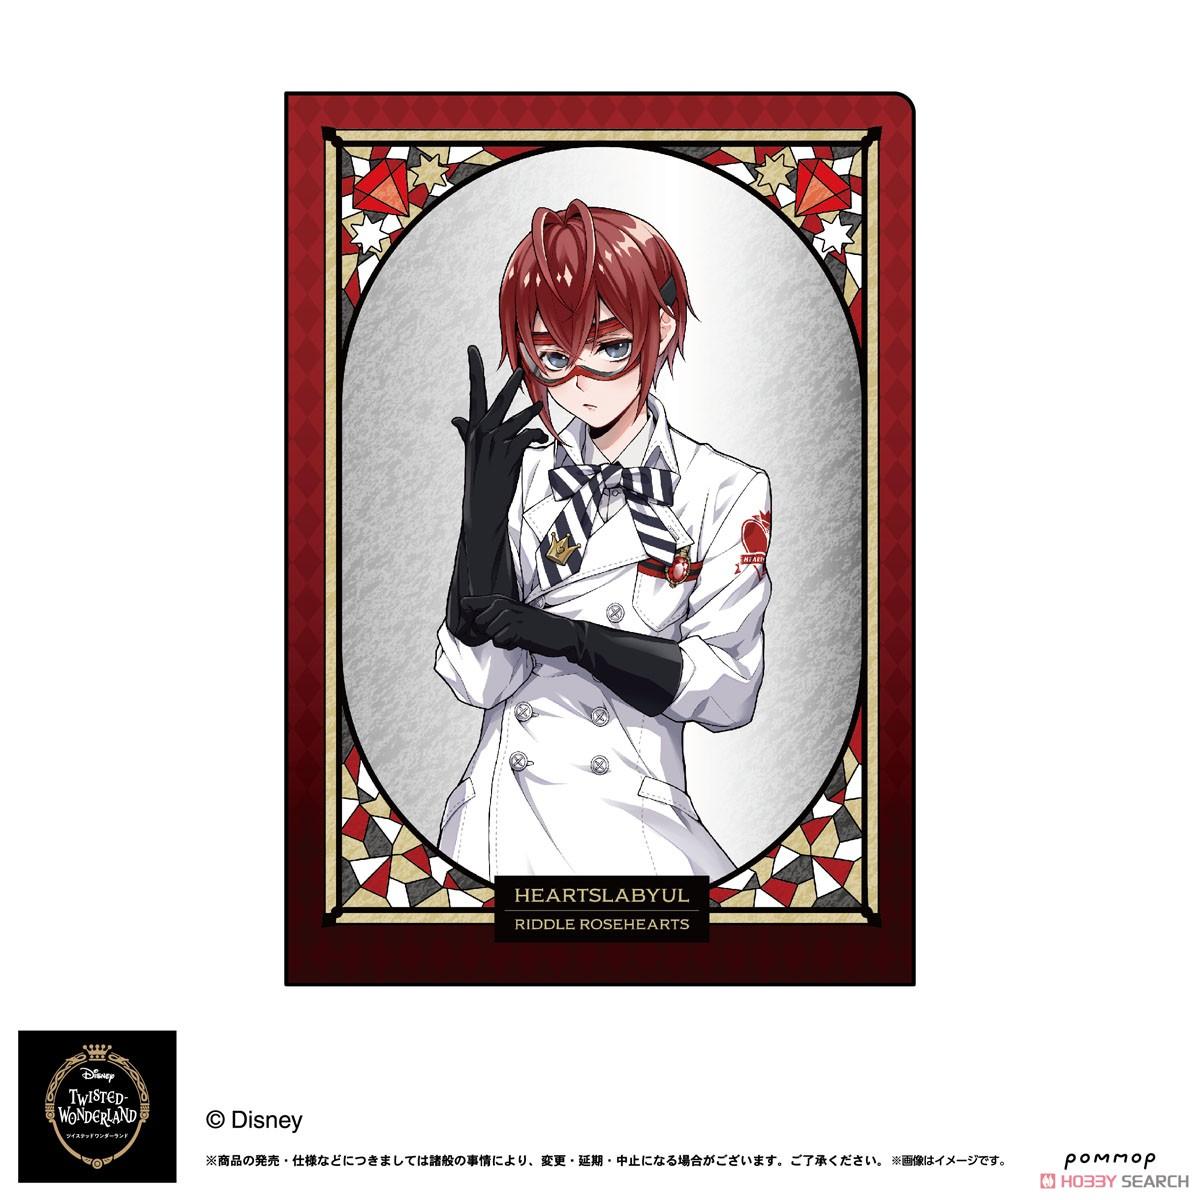 ディズニー ツイステッドワンダーランド『A5ダブルクリアファイルコレクション A』11個入りBOX-002